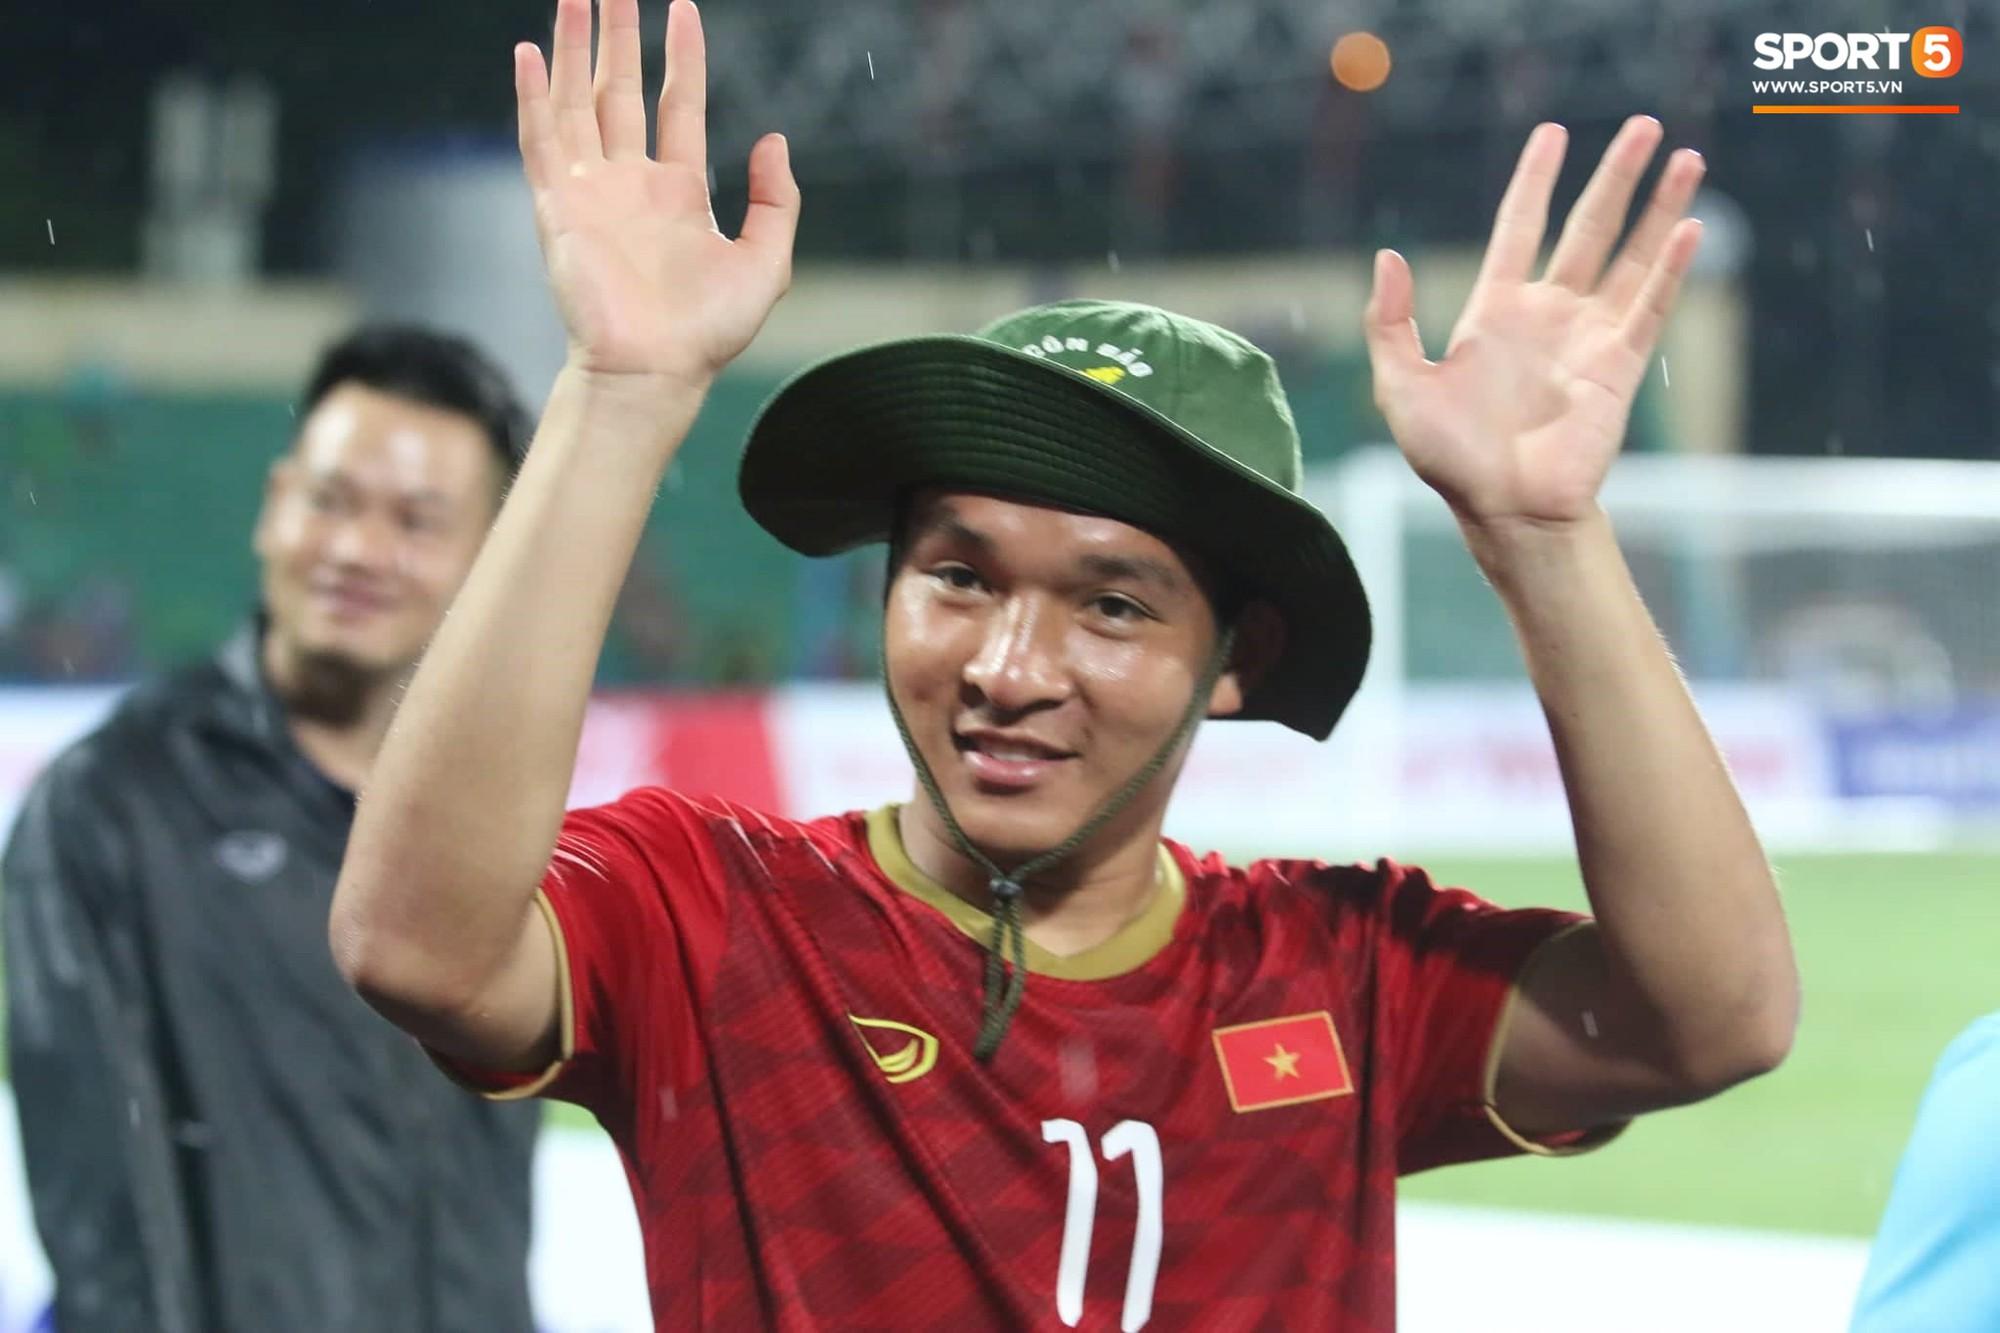 Hình ảnh cảm động: U23 Việt Nam đội mưa đi khắp khán đài cảm ơn người hâm mộ sau trận thắng U23 Myanmar - Ảnh 9.